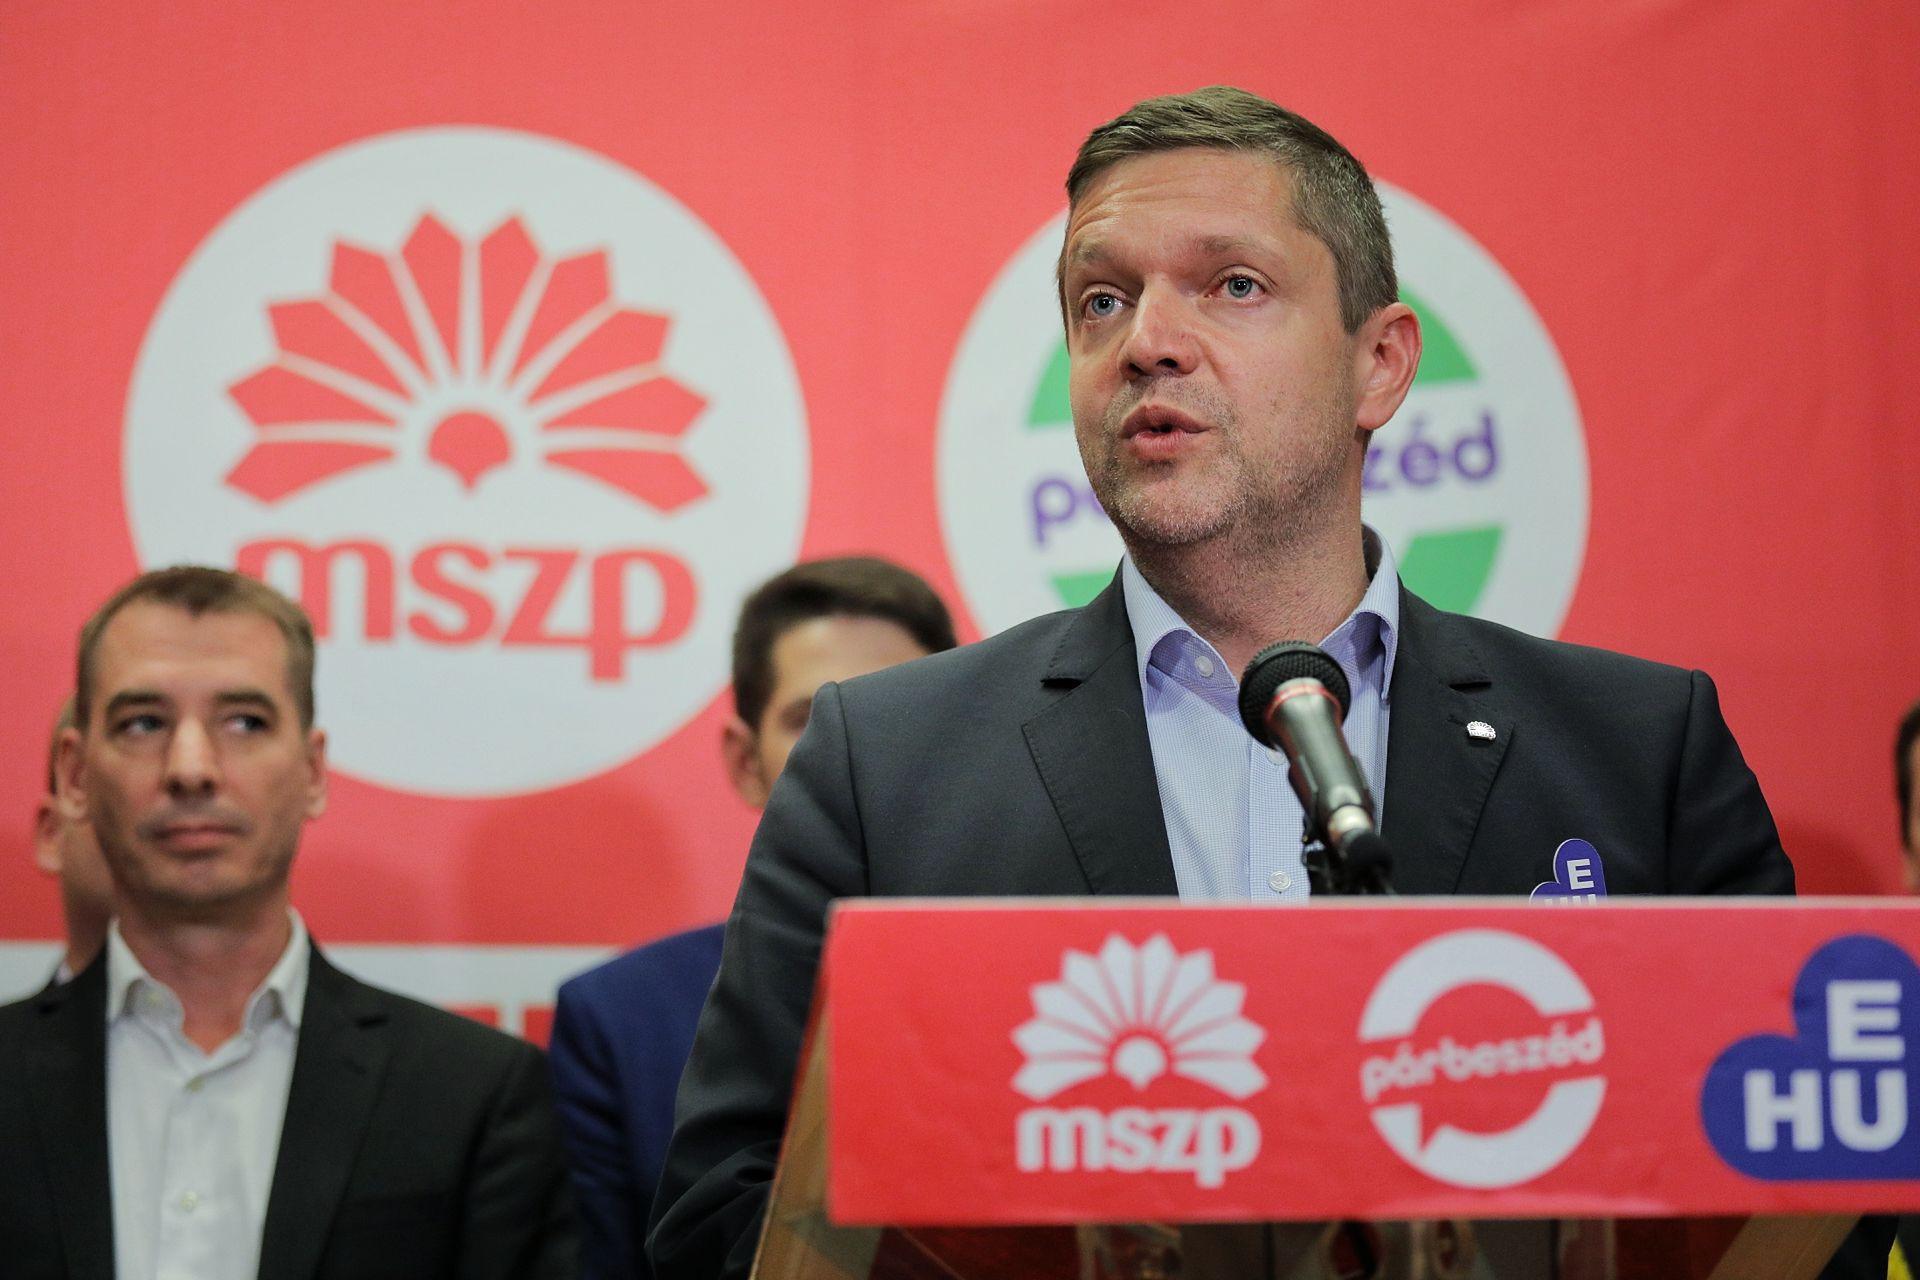 Tóth Bertalan: Az MSZP választmánya szombaton dönt arról, ki kapja meg a mandátumot